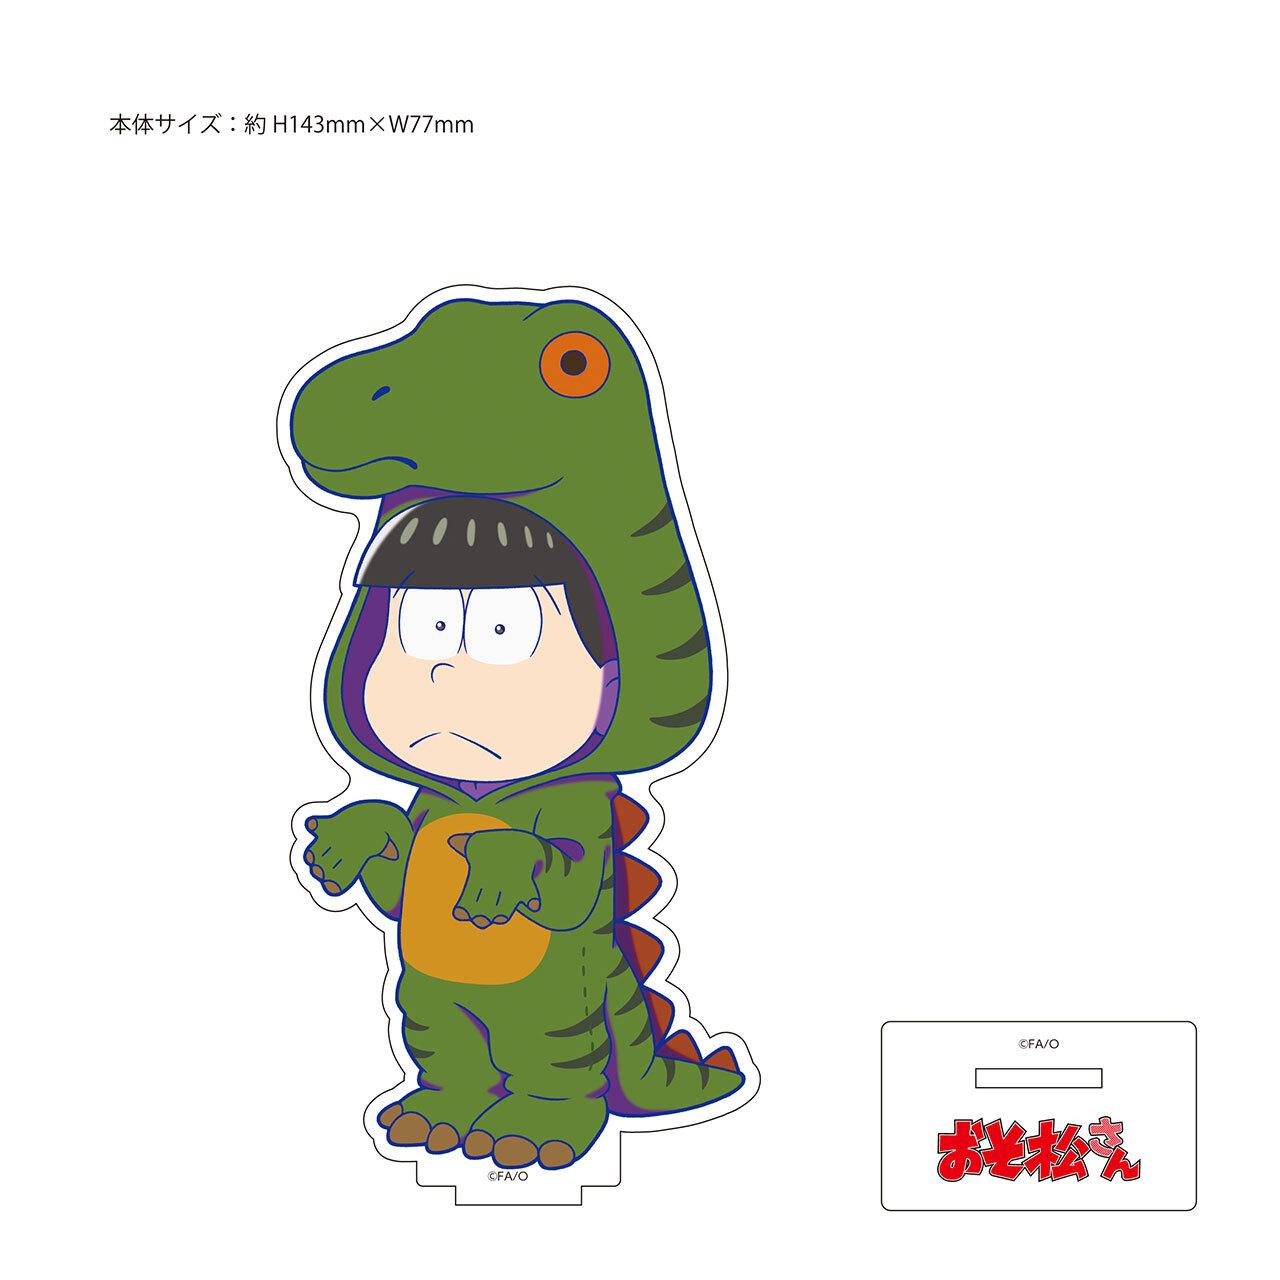 【4589839350341再】おそ松さん コシサウルス チョロ松 アクリルスタンド